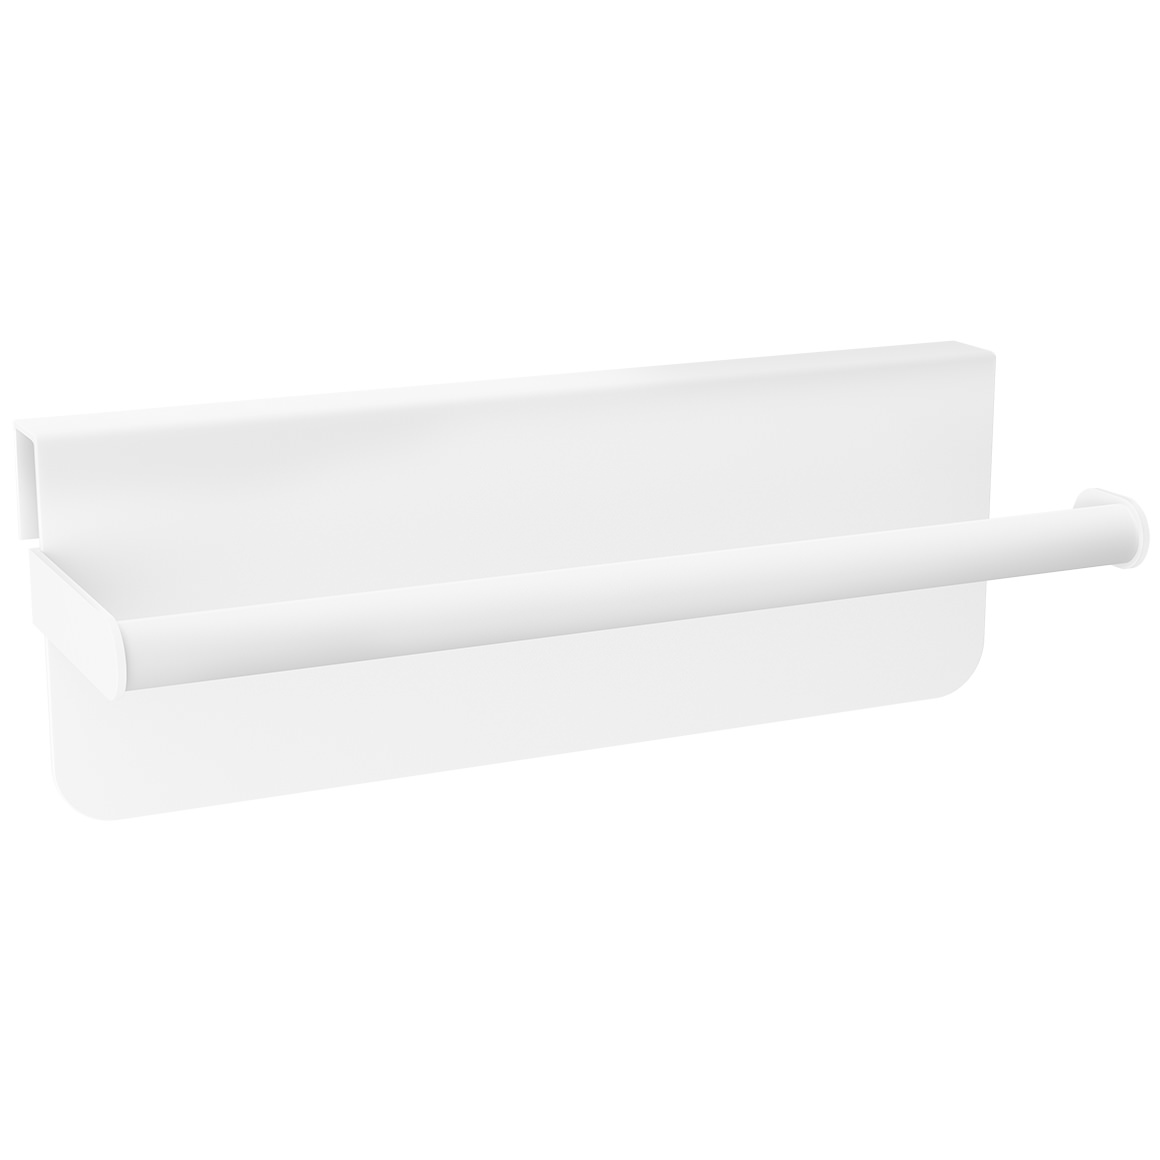 Vitra D Light Matt White Toilet Roll Holder 58165